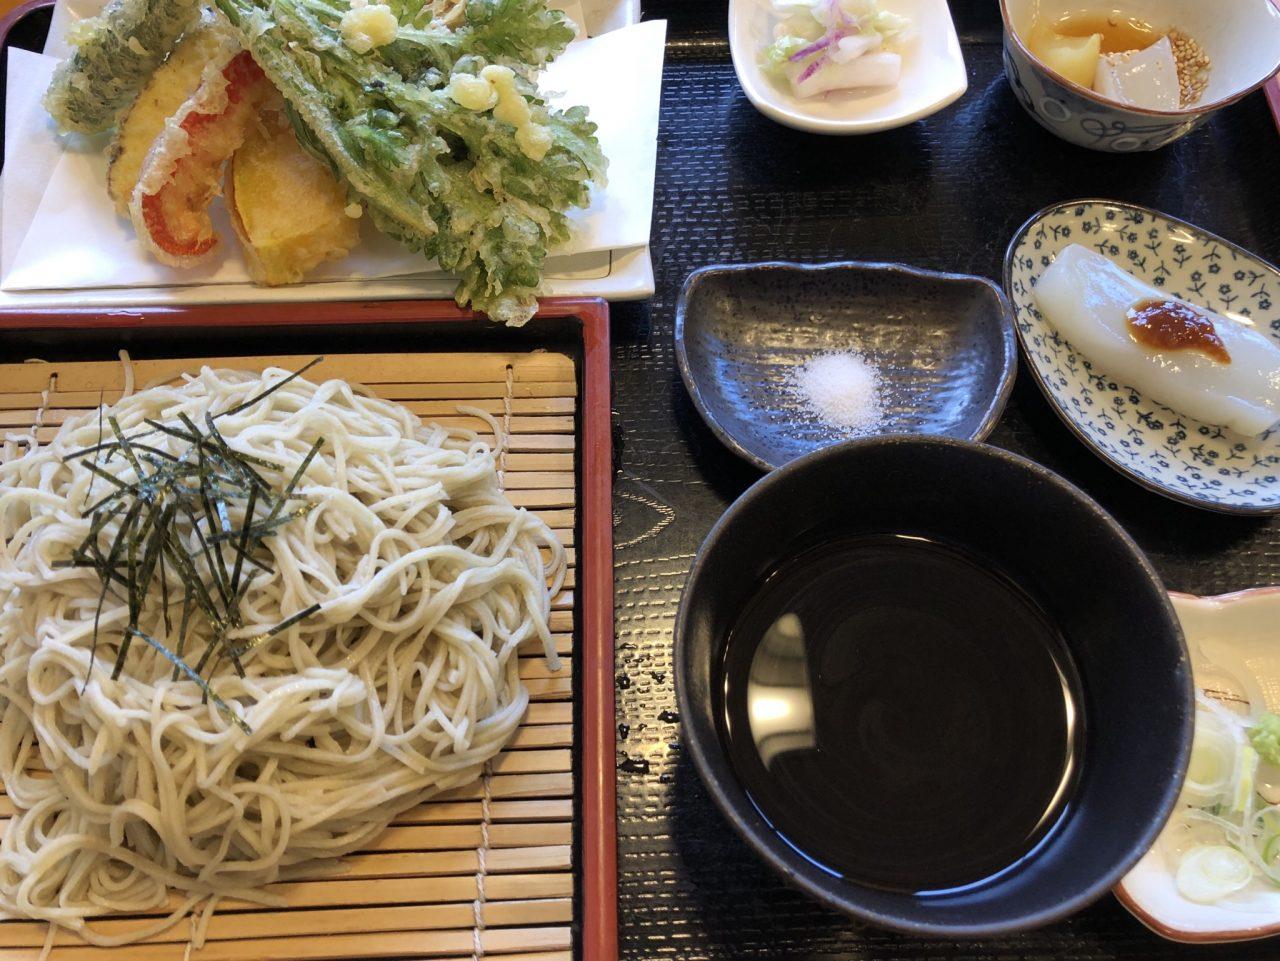 みらんど袋田で食べた奥久慈そばと野菜天ぷら